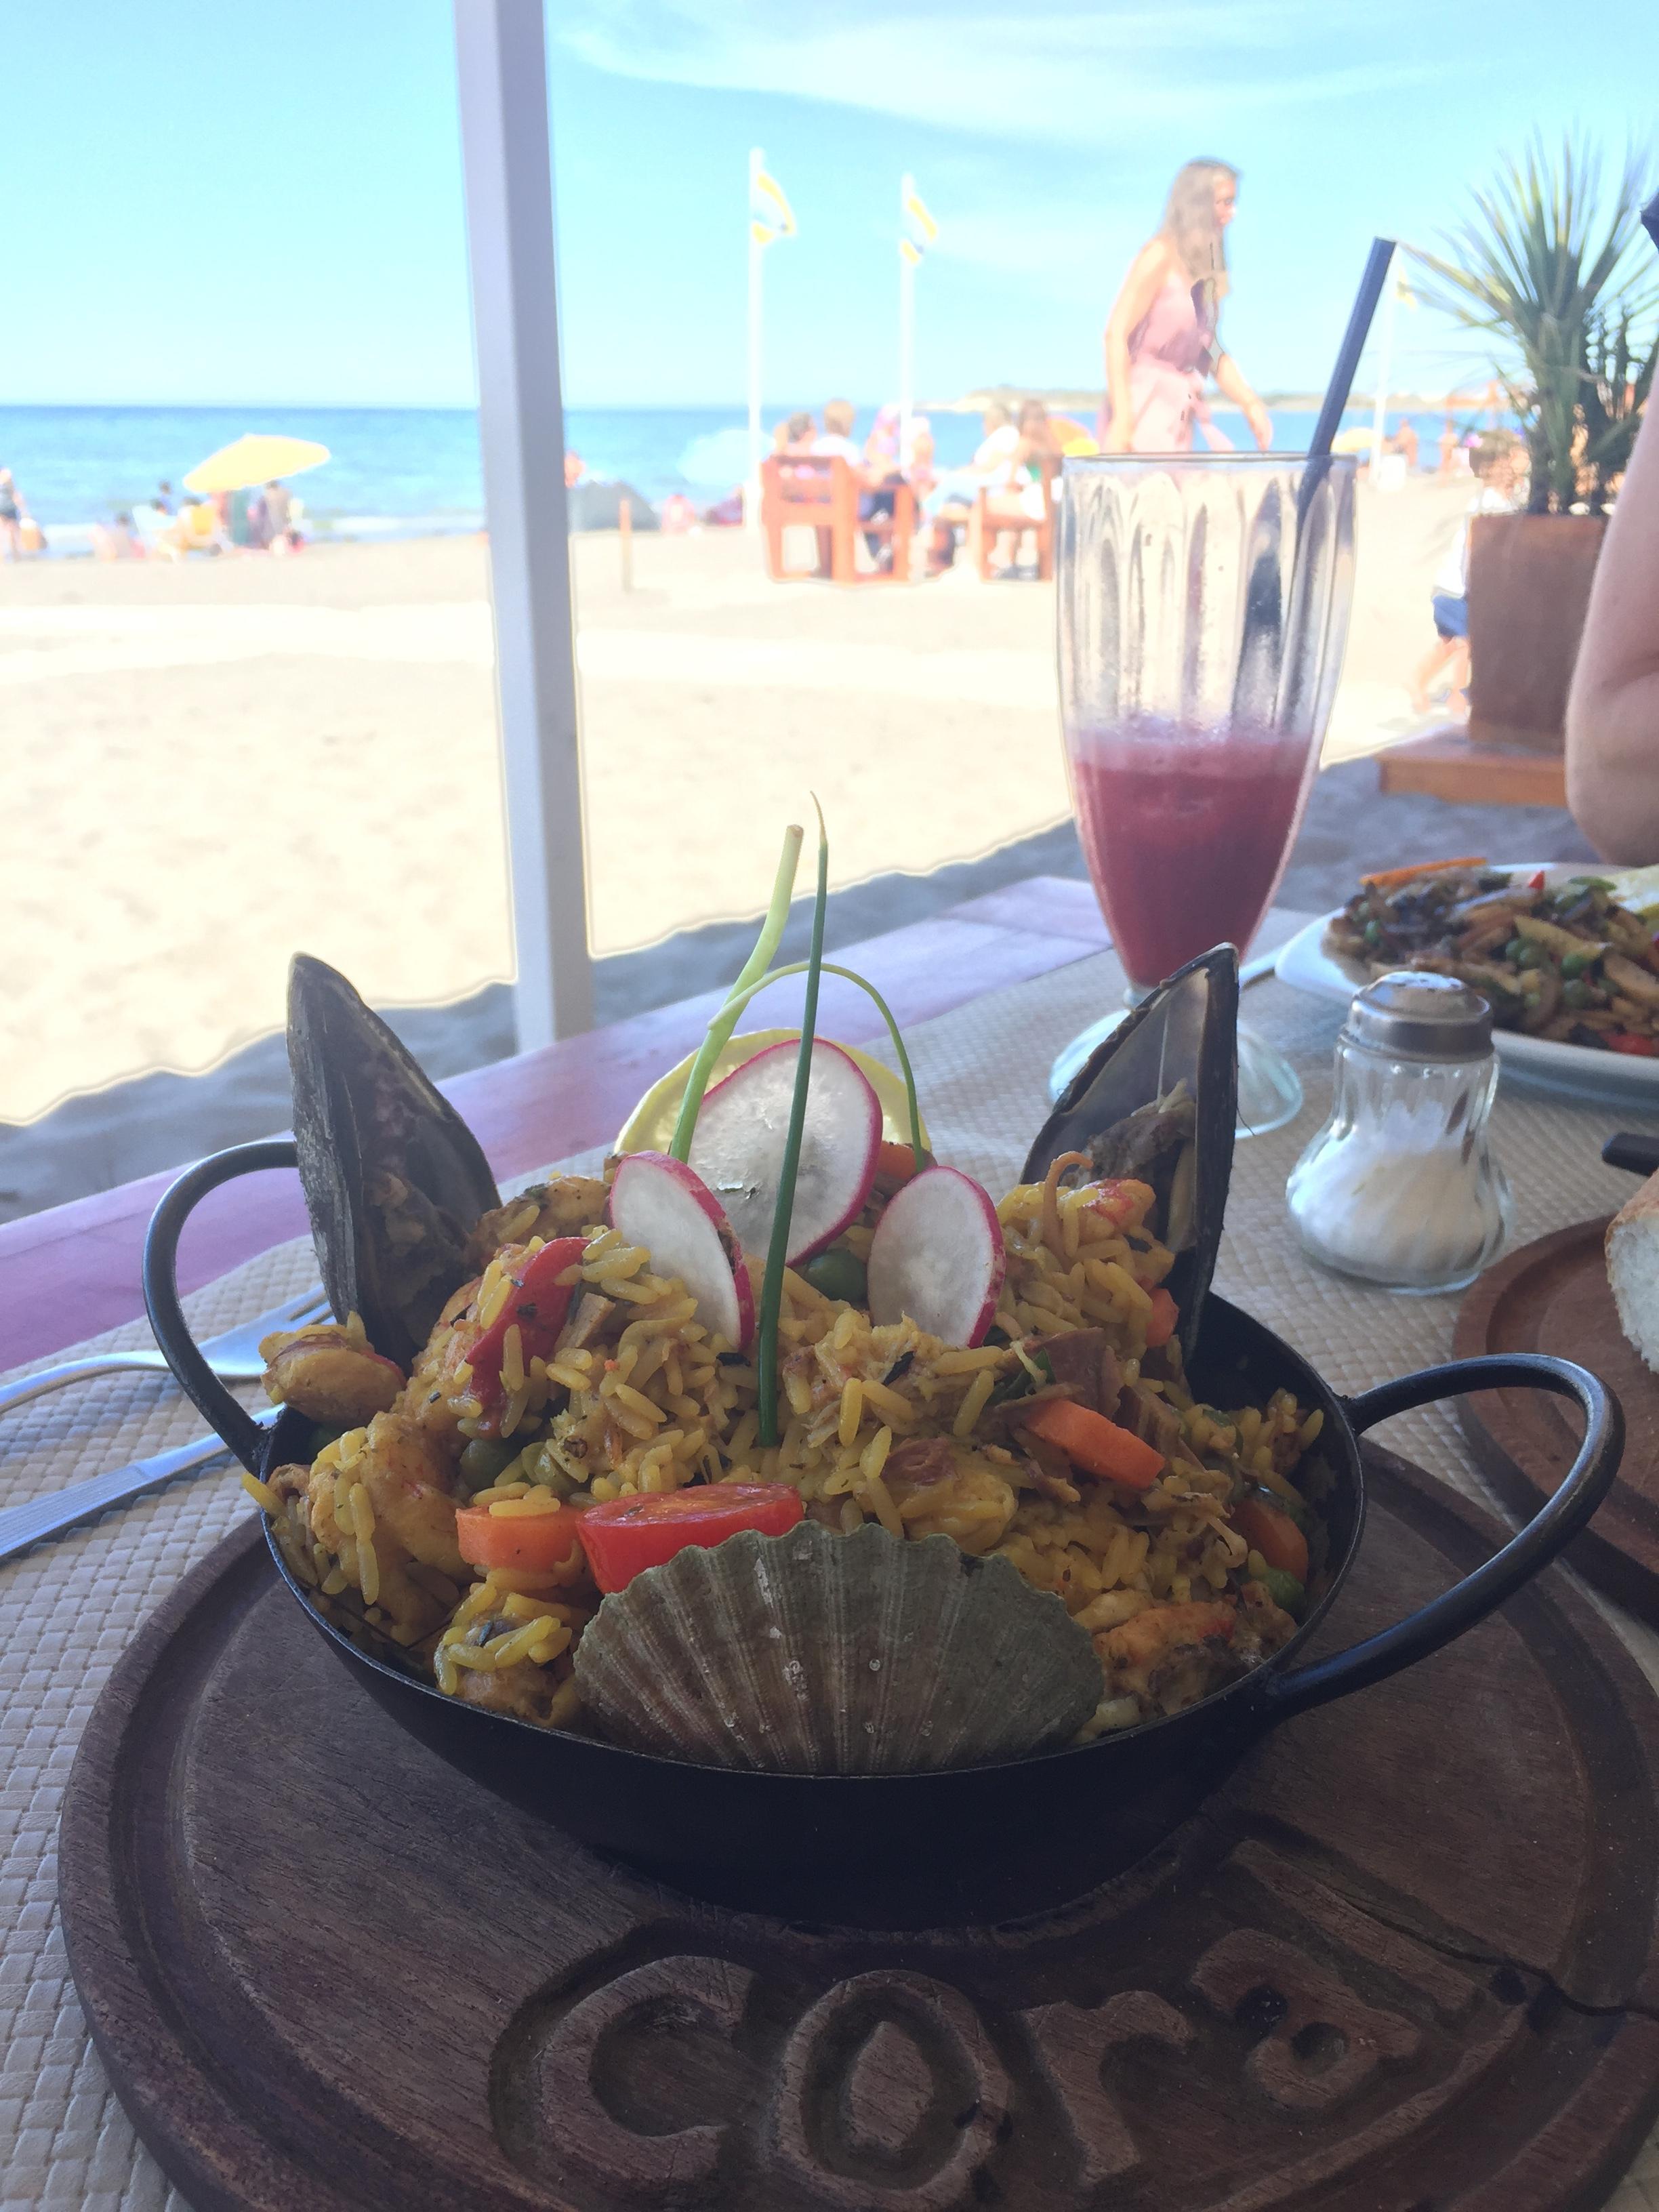 Paella Mariscos at Coral